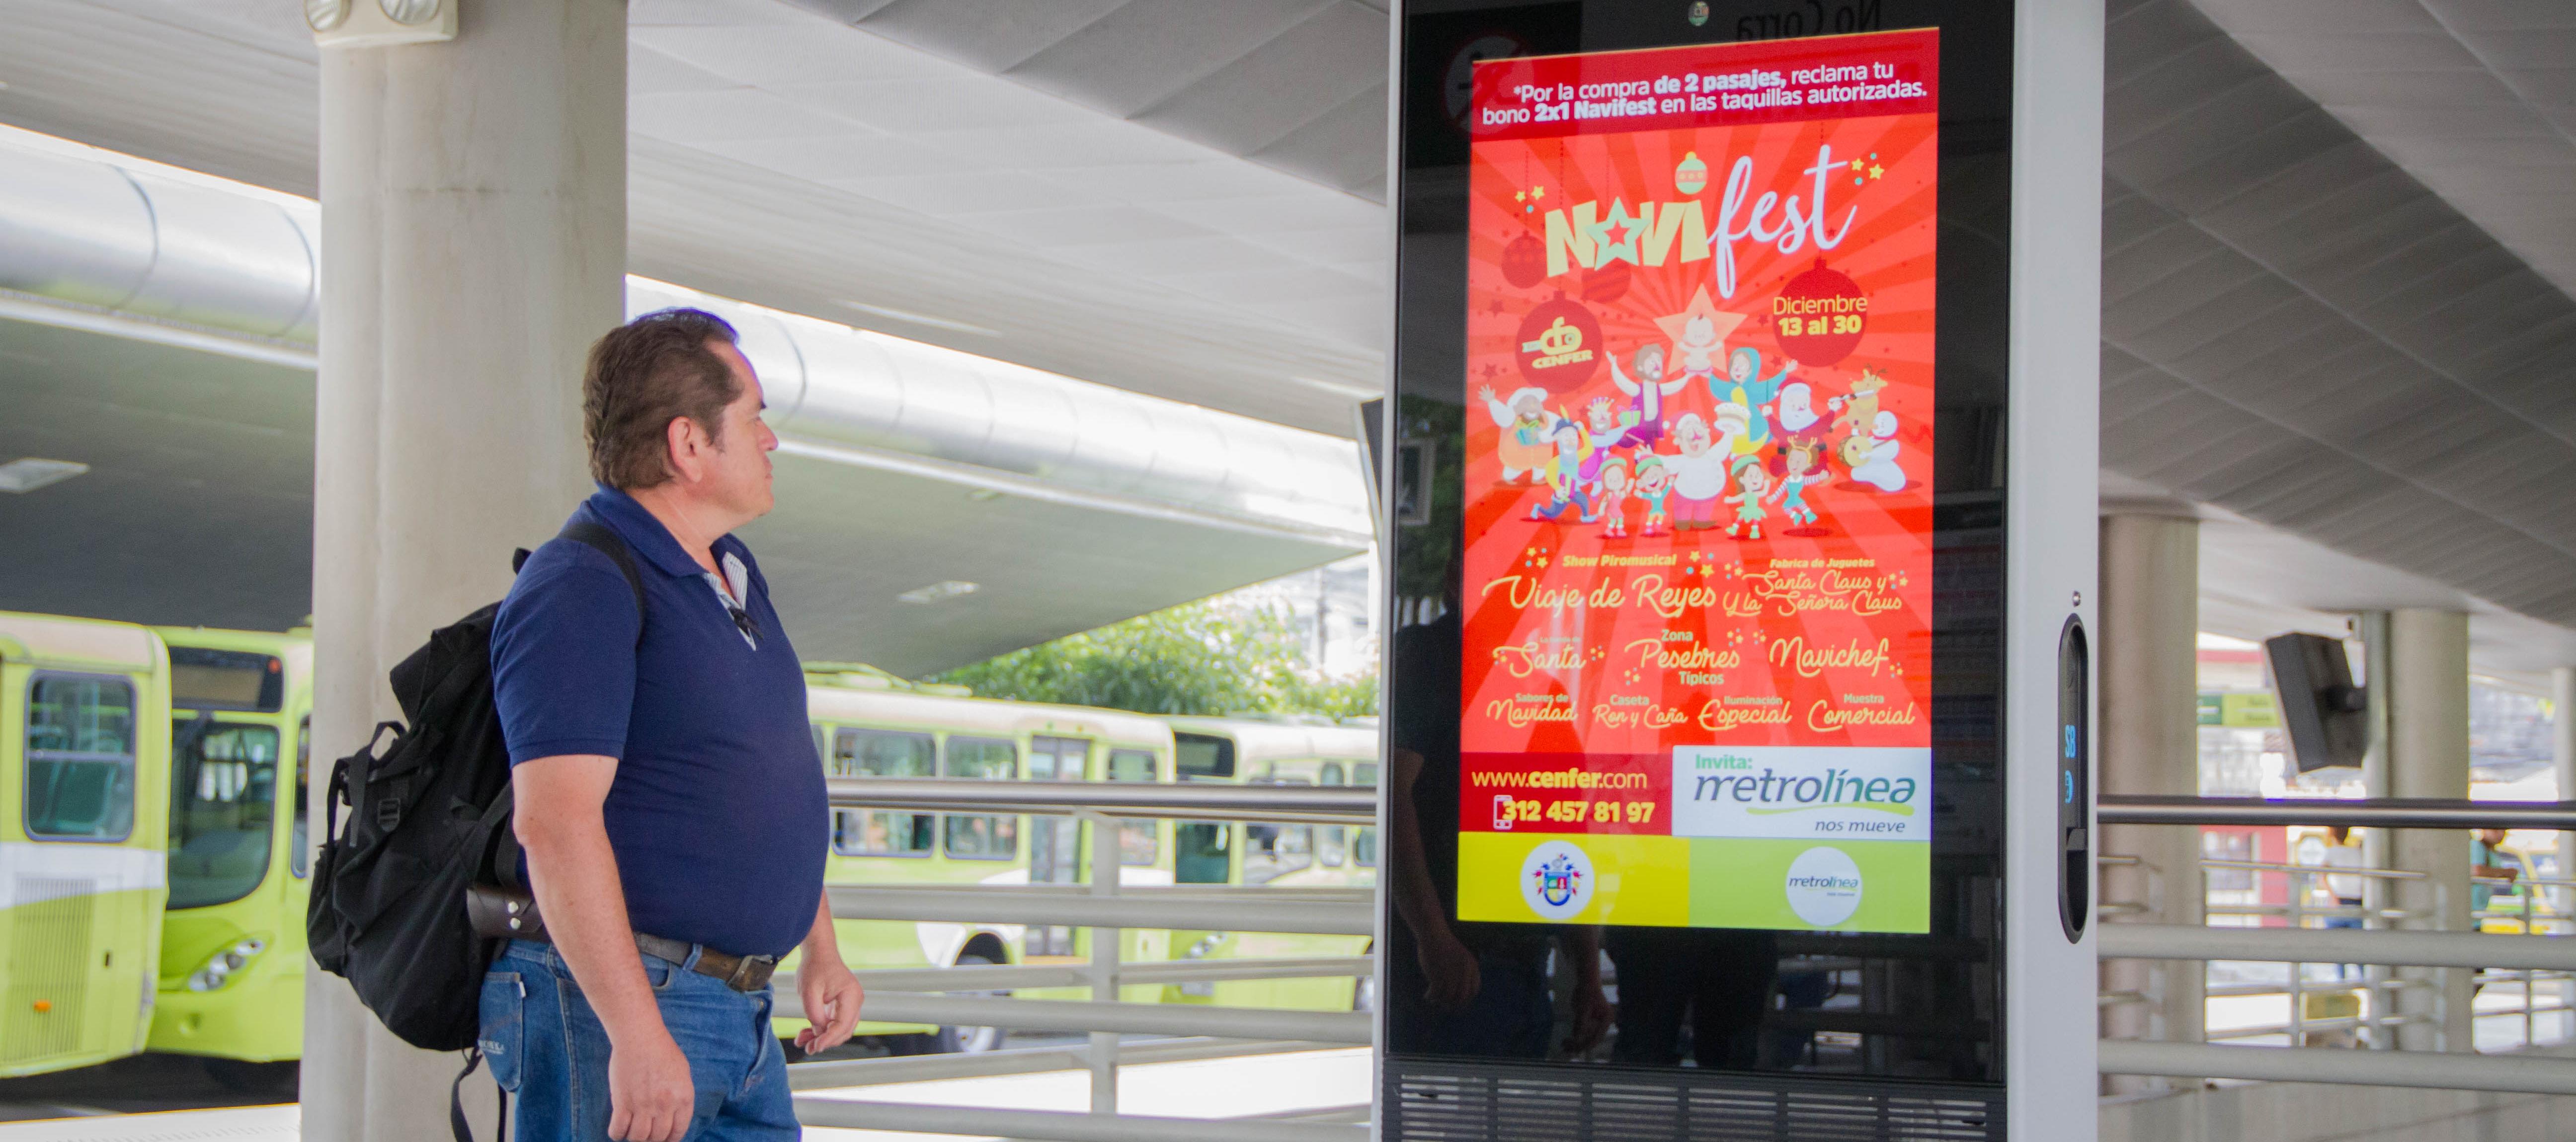 Bucaramanga tiene el primer Tótem digital avanzado del país | EL FRENTE